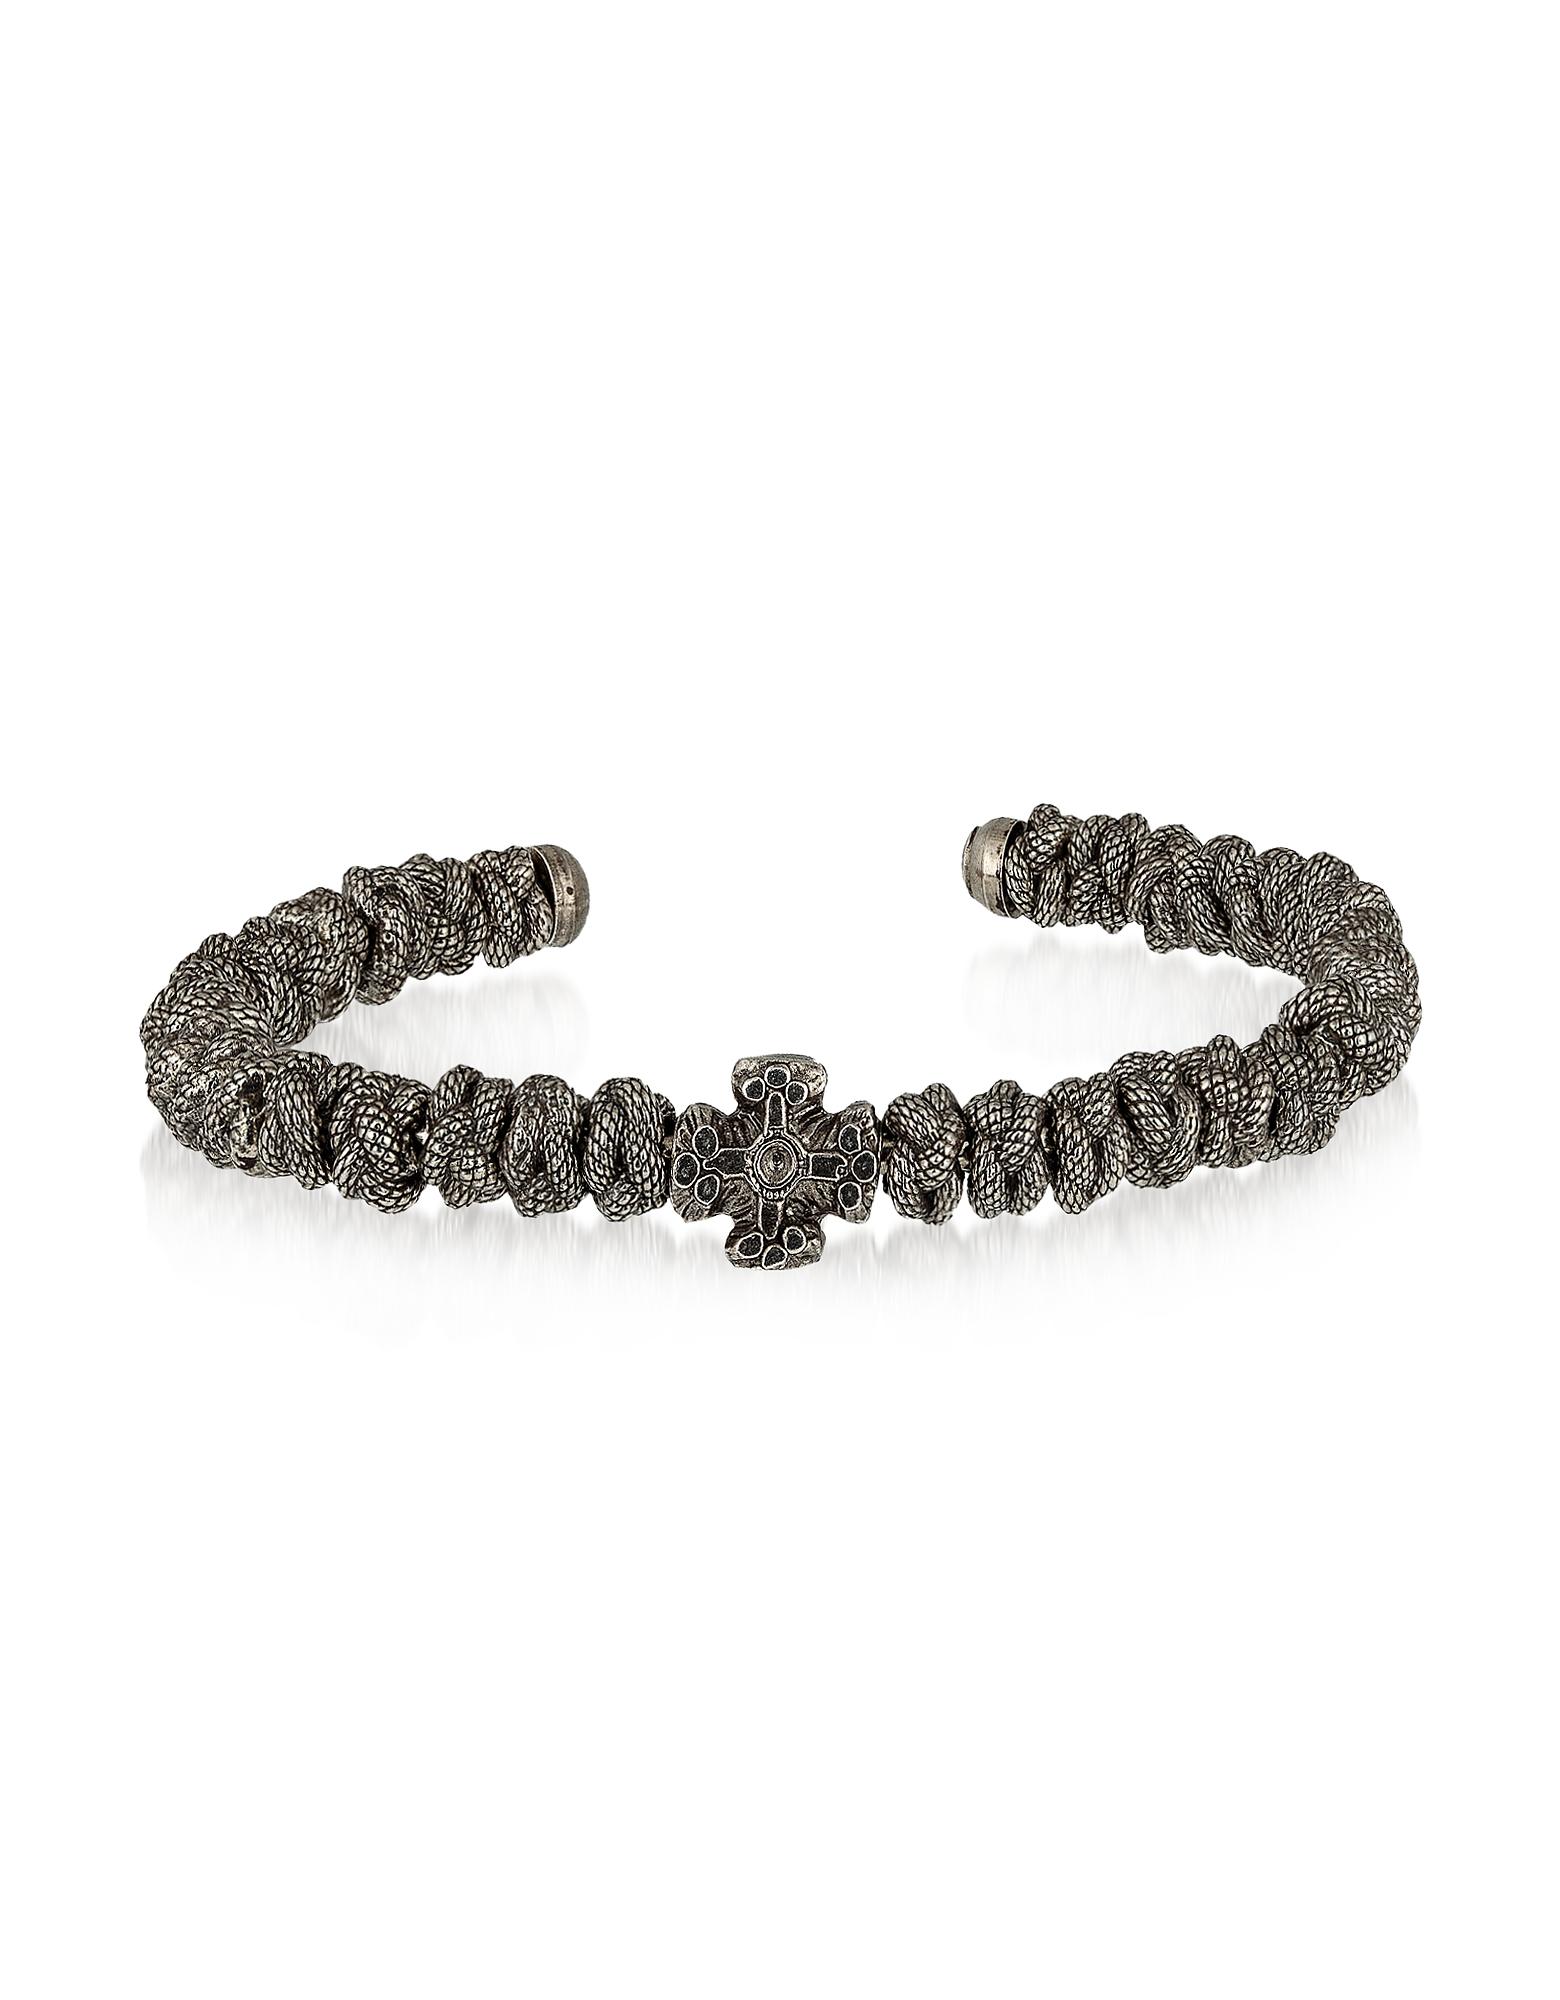 Blue Steel Reptile Bracelet